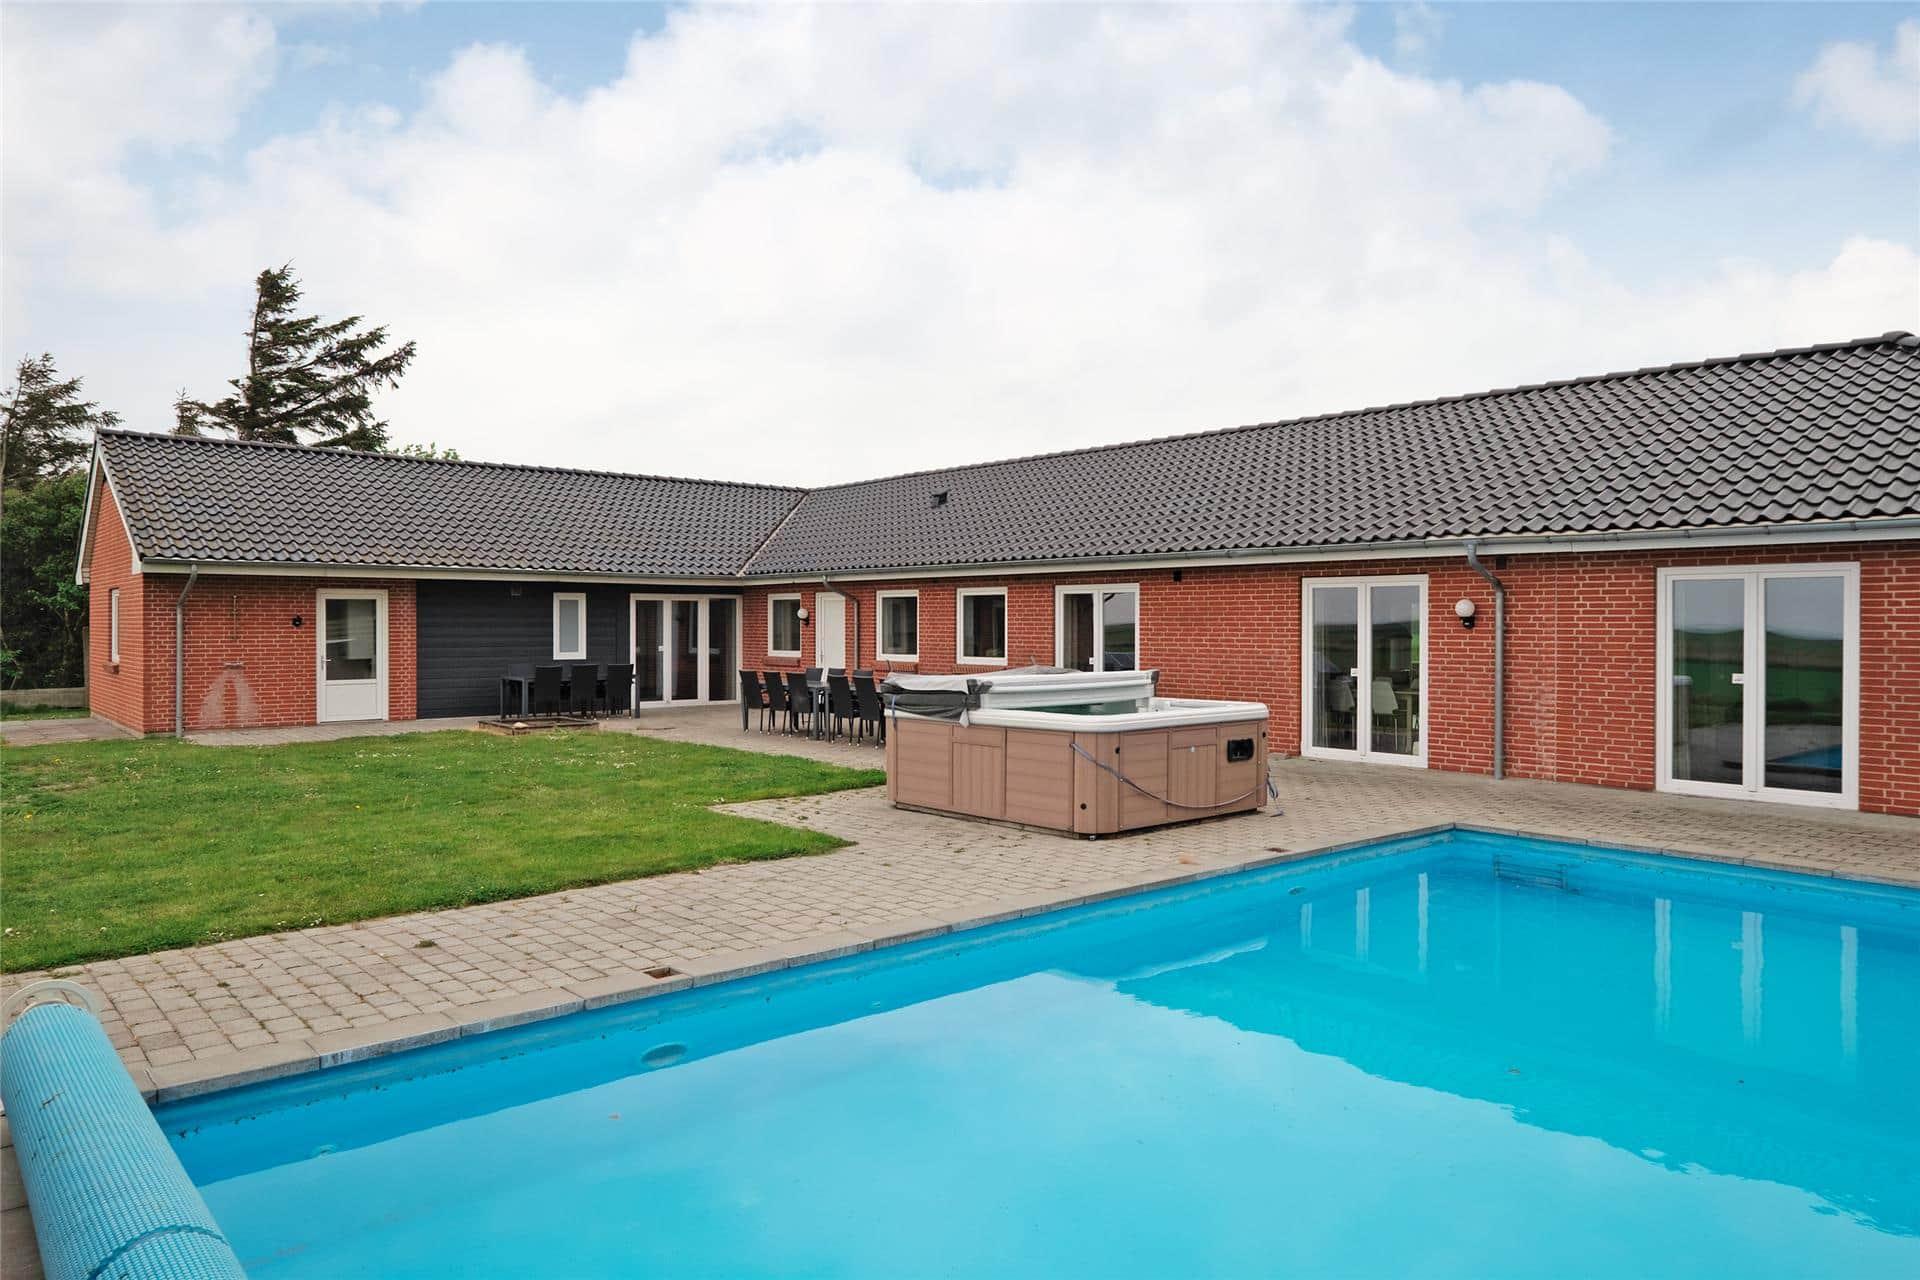 Bild 1-11 Ferienhaus 0501, Bunti 8, DK - 6261 Bredebro